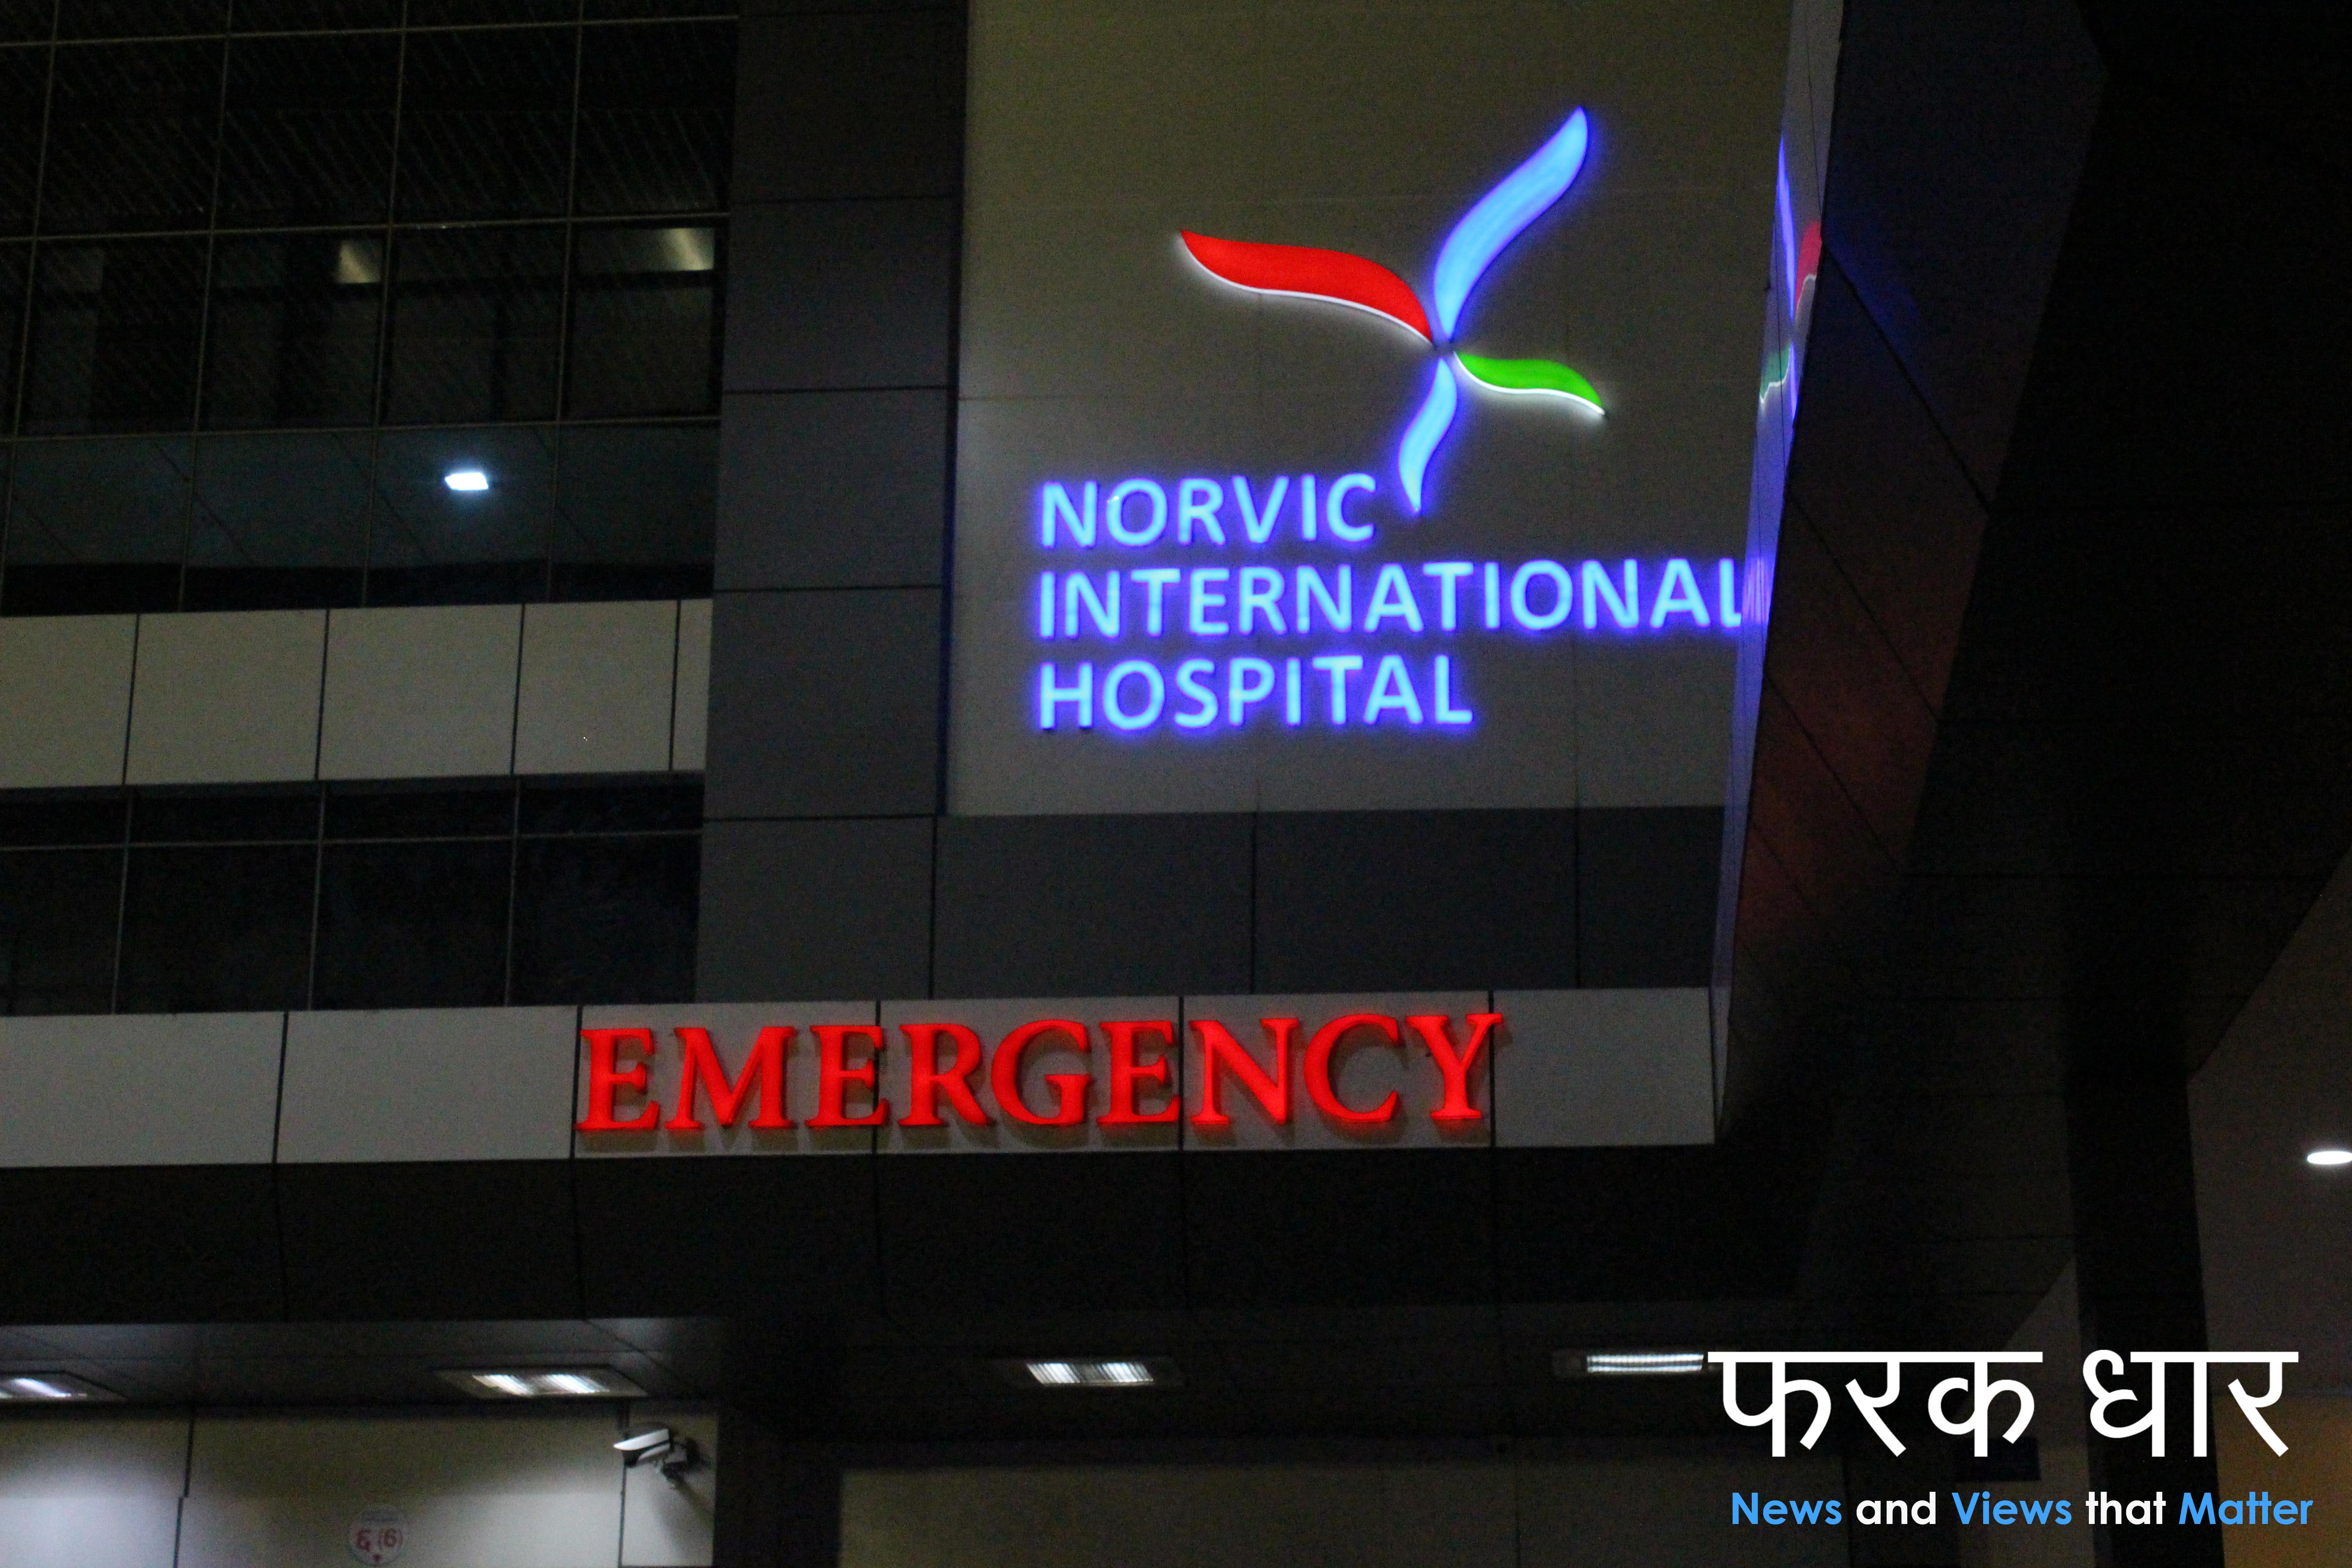 थापाथलीमा रहेकाे नर्भिक अस्पतालले हाइप्राेफाइल अभियुक्तकाे स्वास्थ्यबारे गलत रिपाेर्ट दिने गरेकाे छ ।